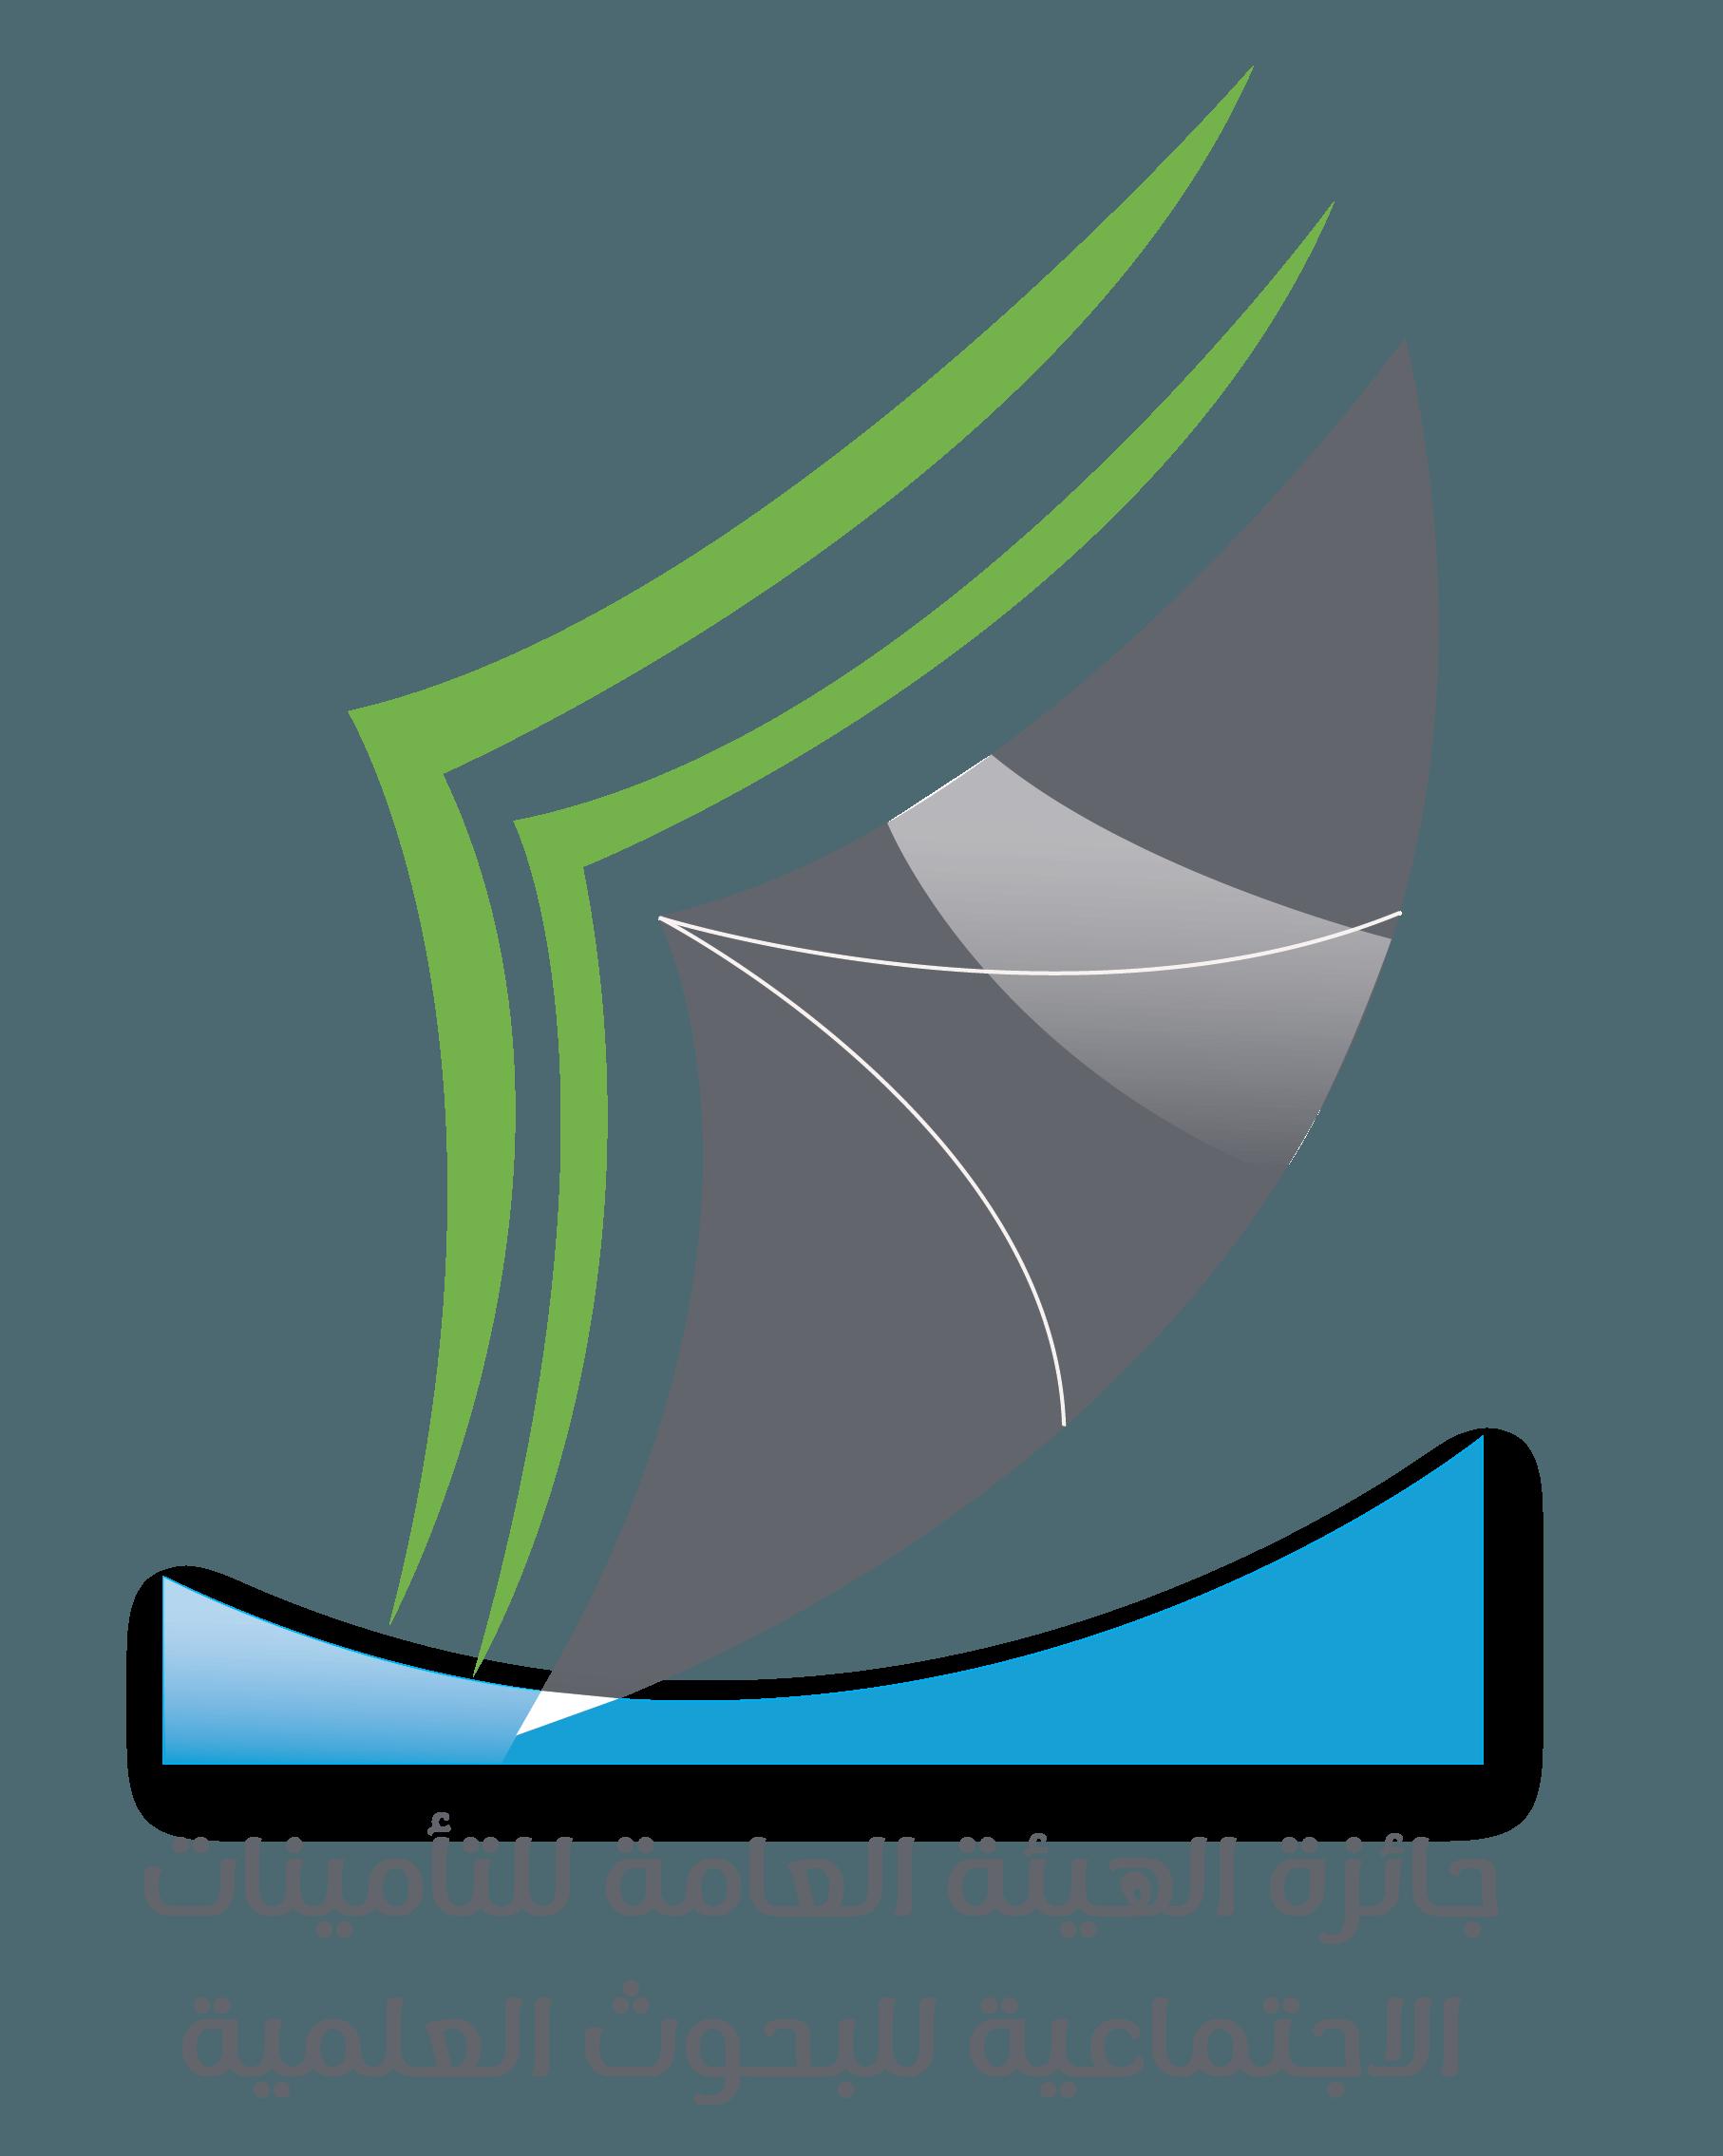 التأمينات الاجتماعية: استقبال طلبات جائزة «البحوث العلمية»